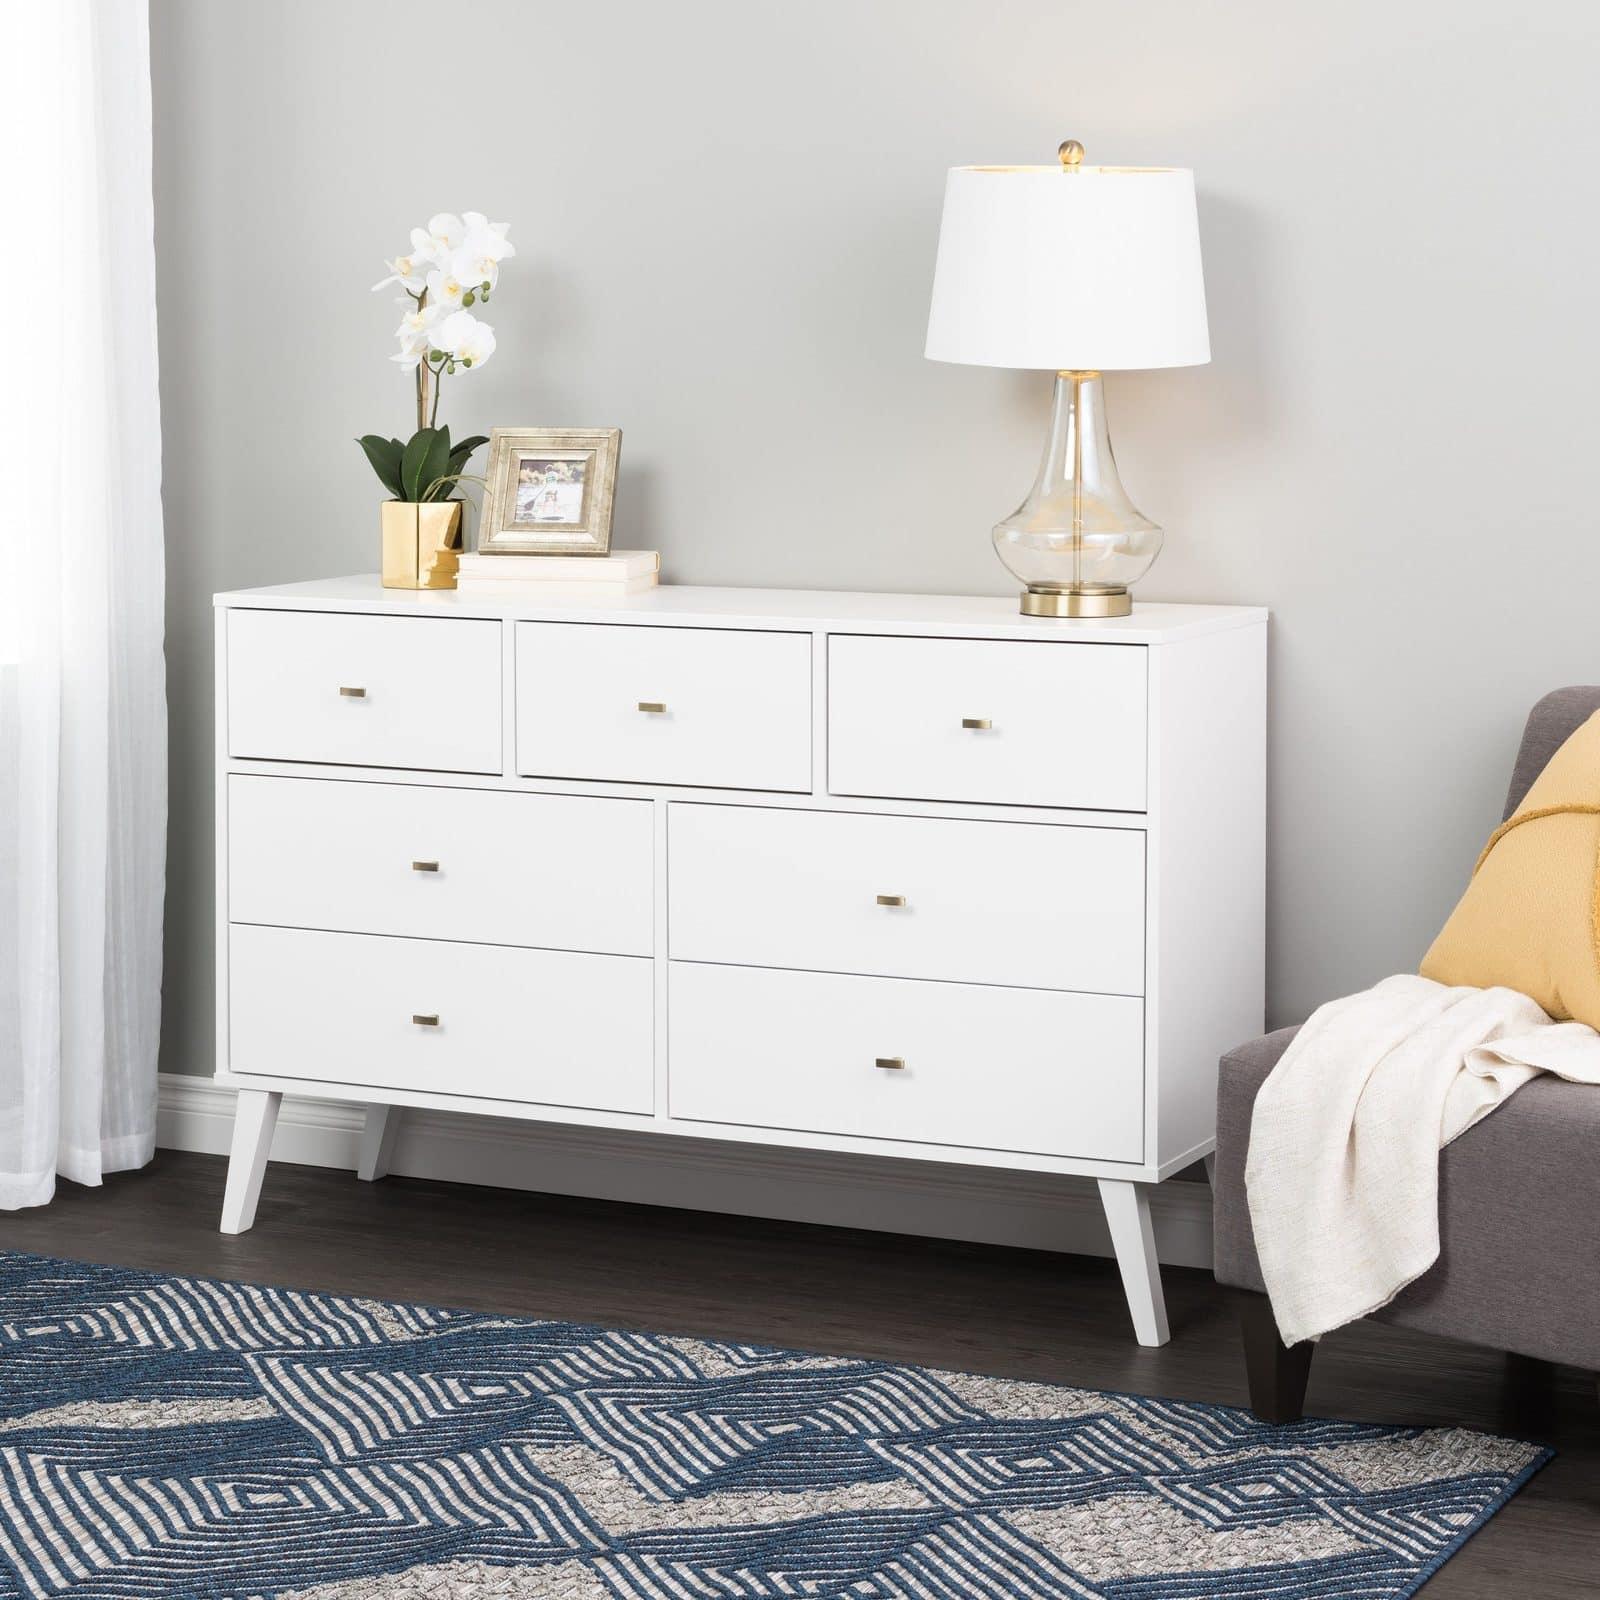 Milo Mid Century Modern 7-Drawer Dresser